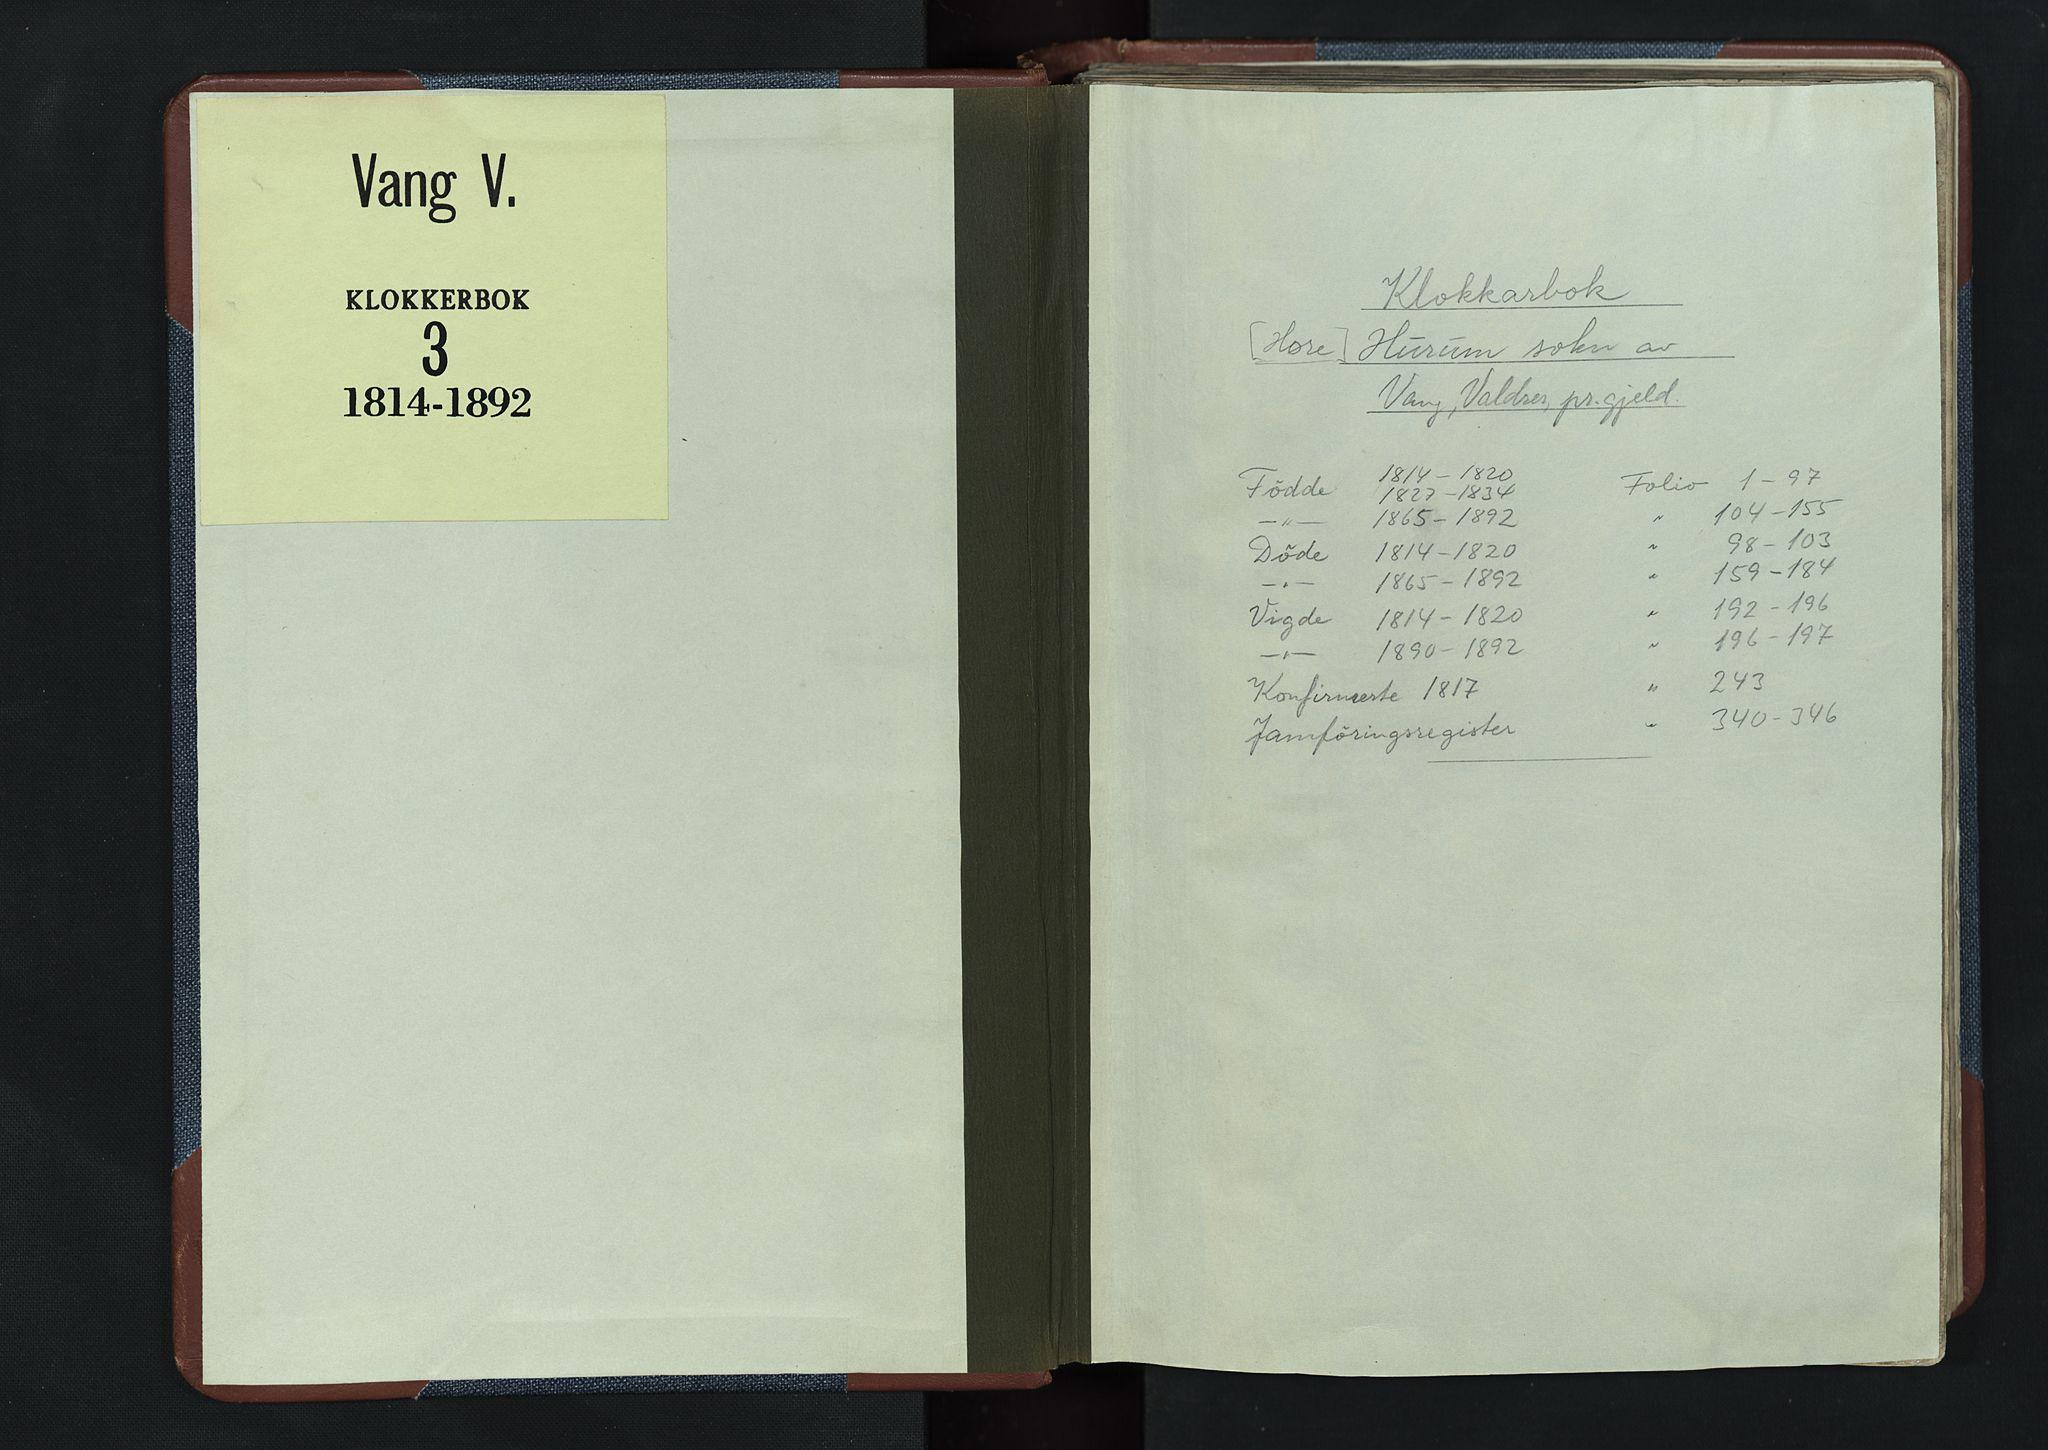 SAH, Vang prestekontor, Valdres, Klokkerbok nr. 3, 1814-1892